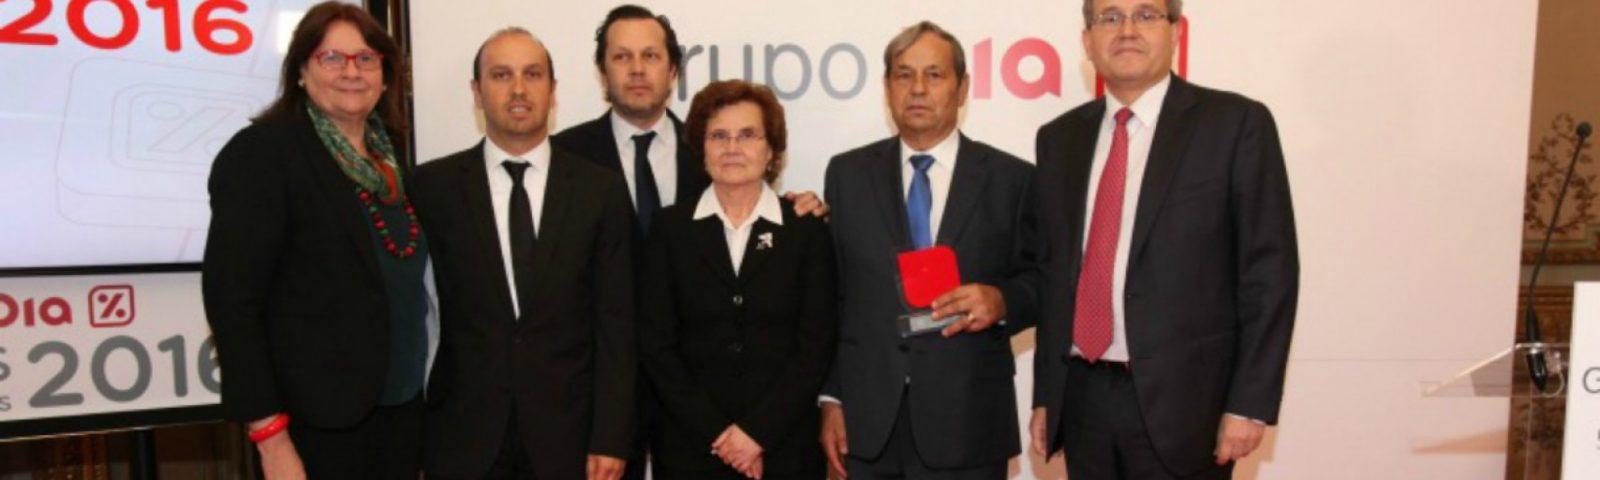 Franchisado português distinguido pelos Prémios do Grupo DIA